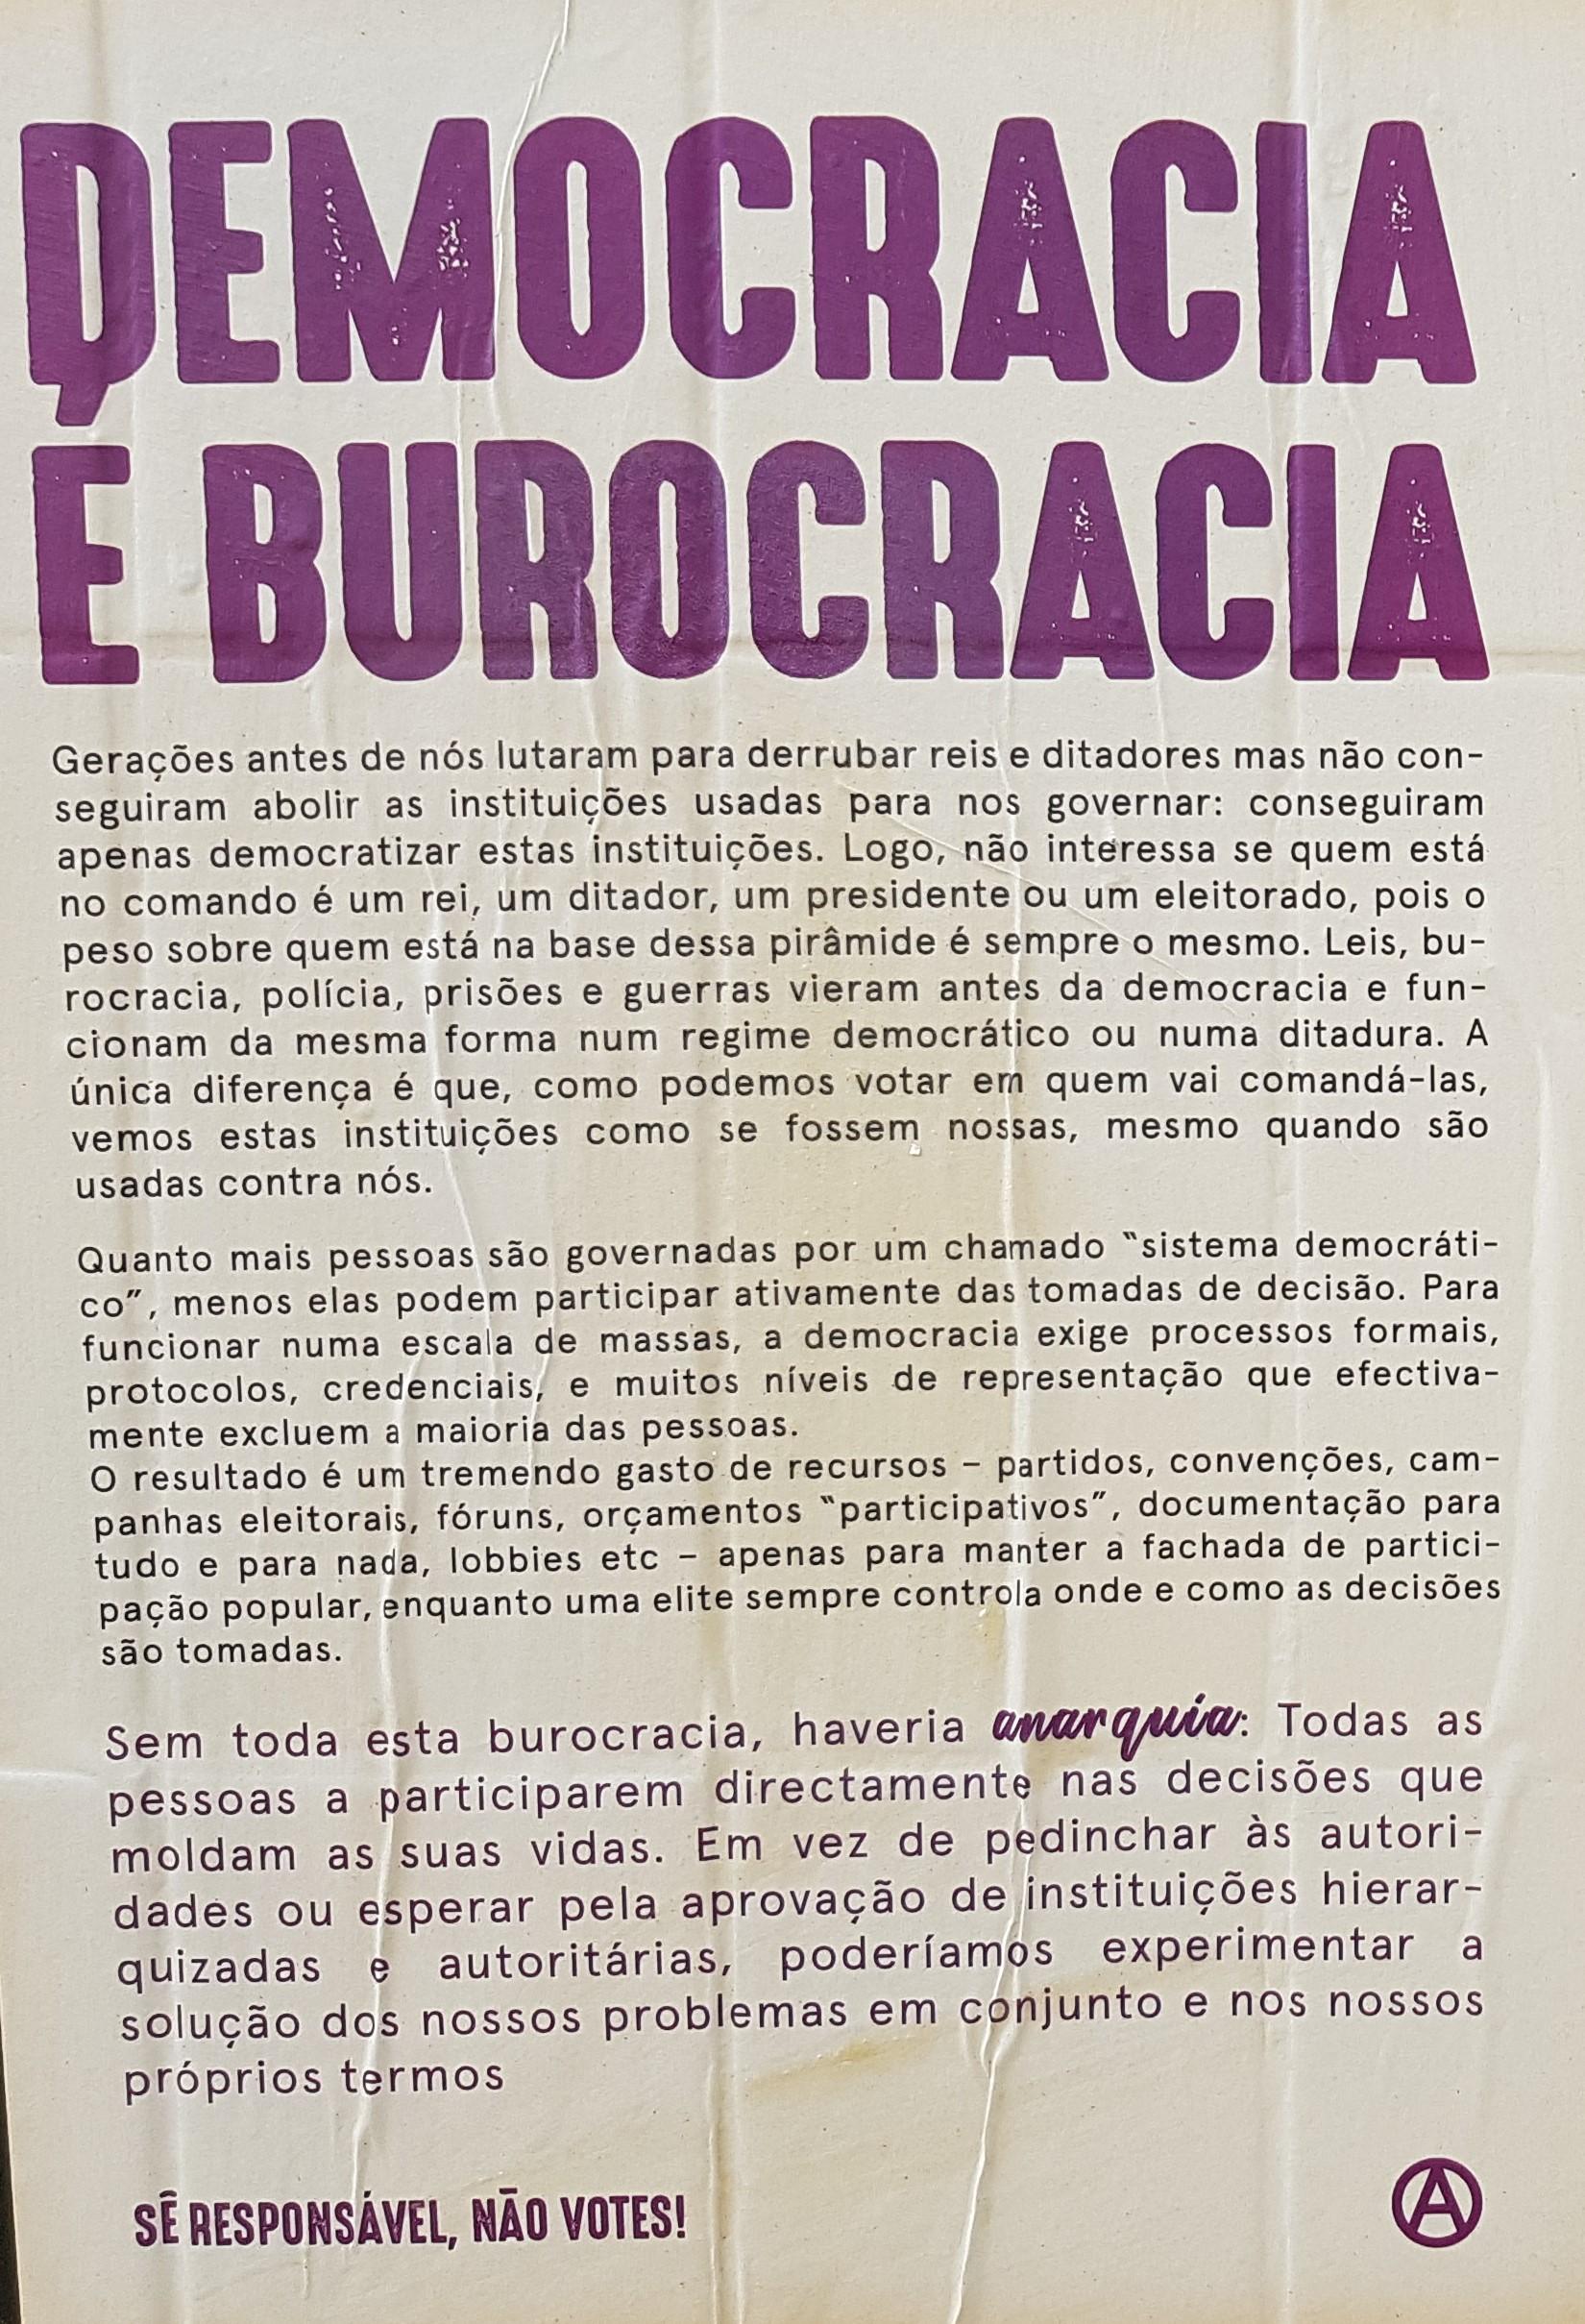 Anarquista_20190916_153819 – Cópia